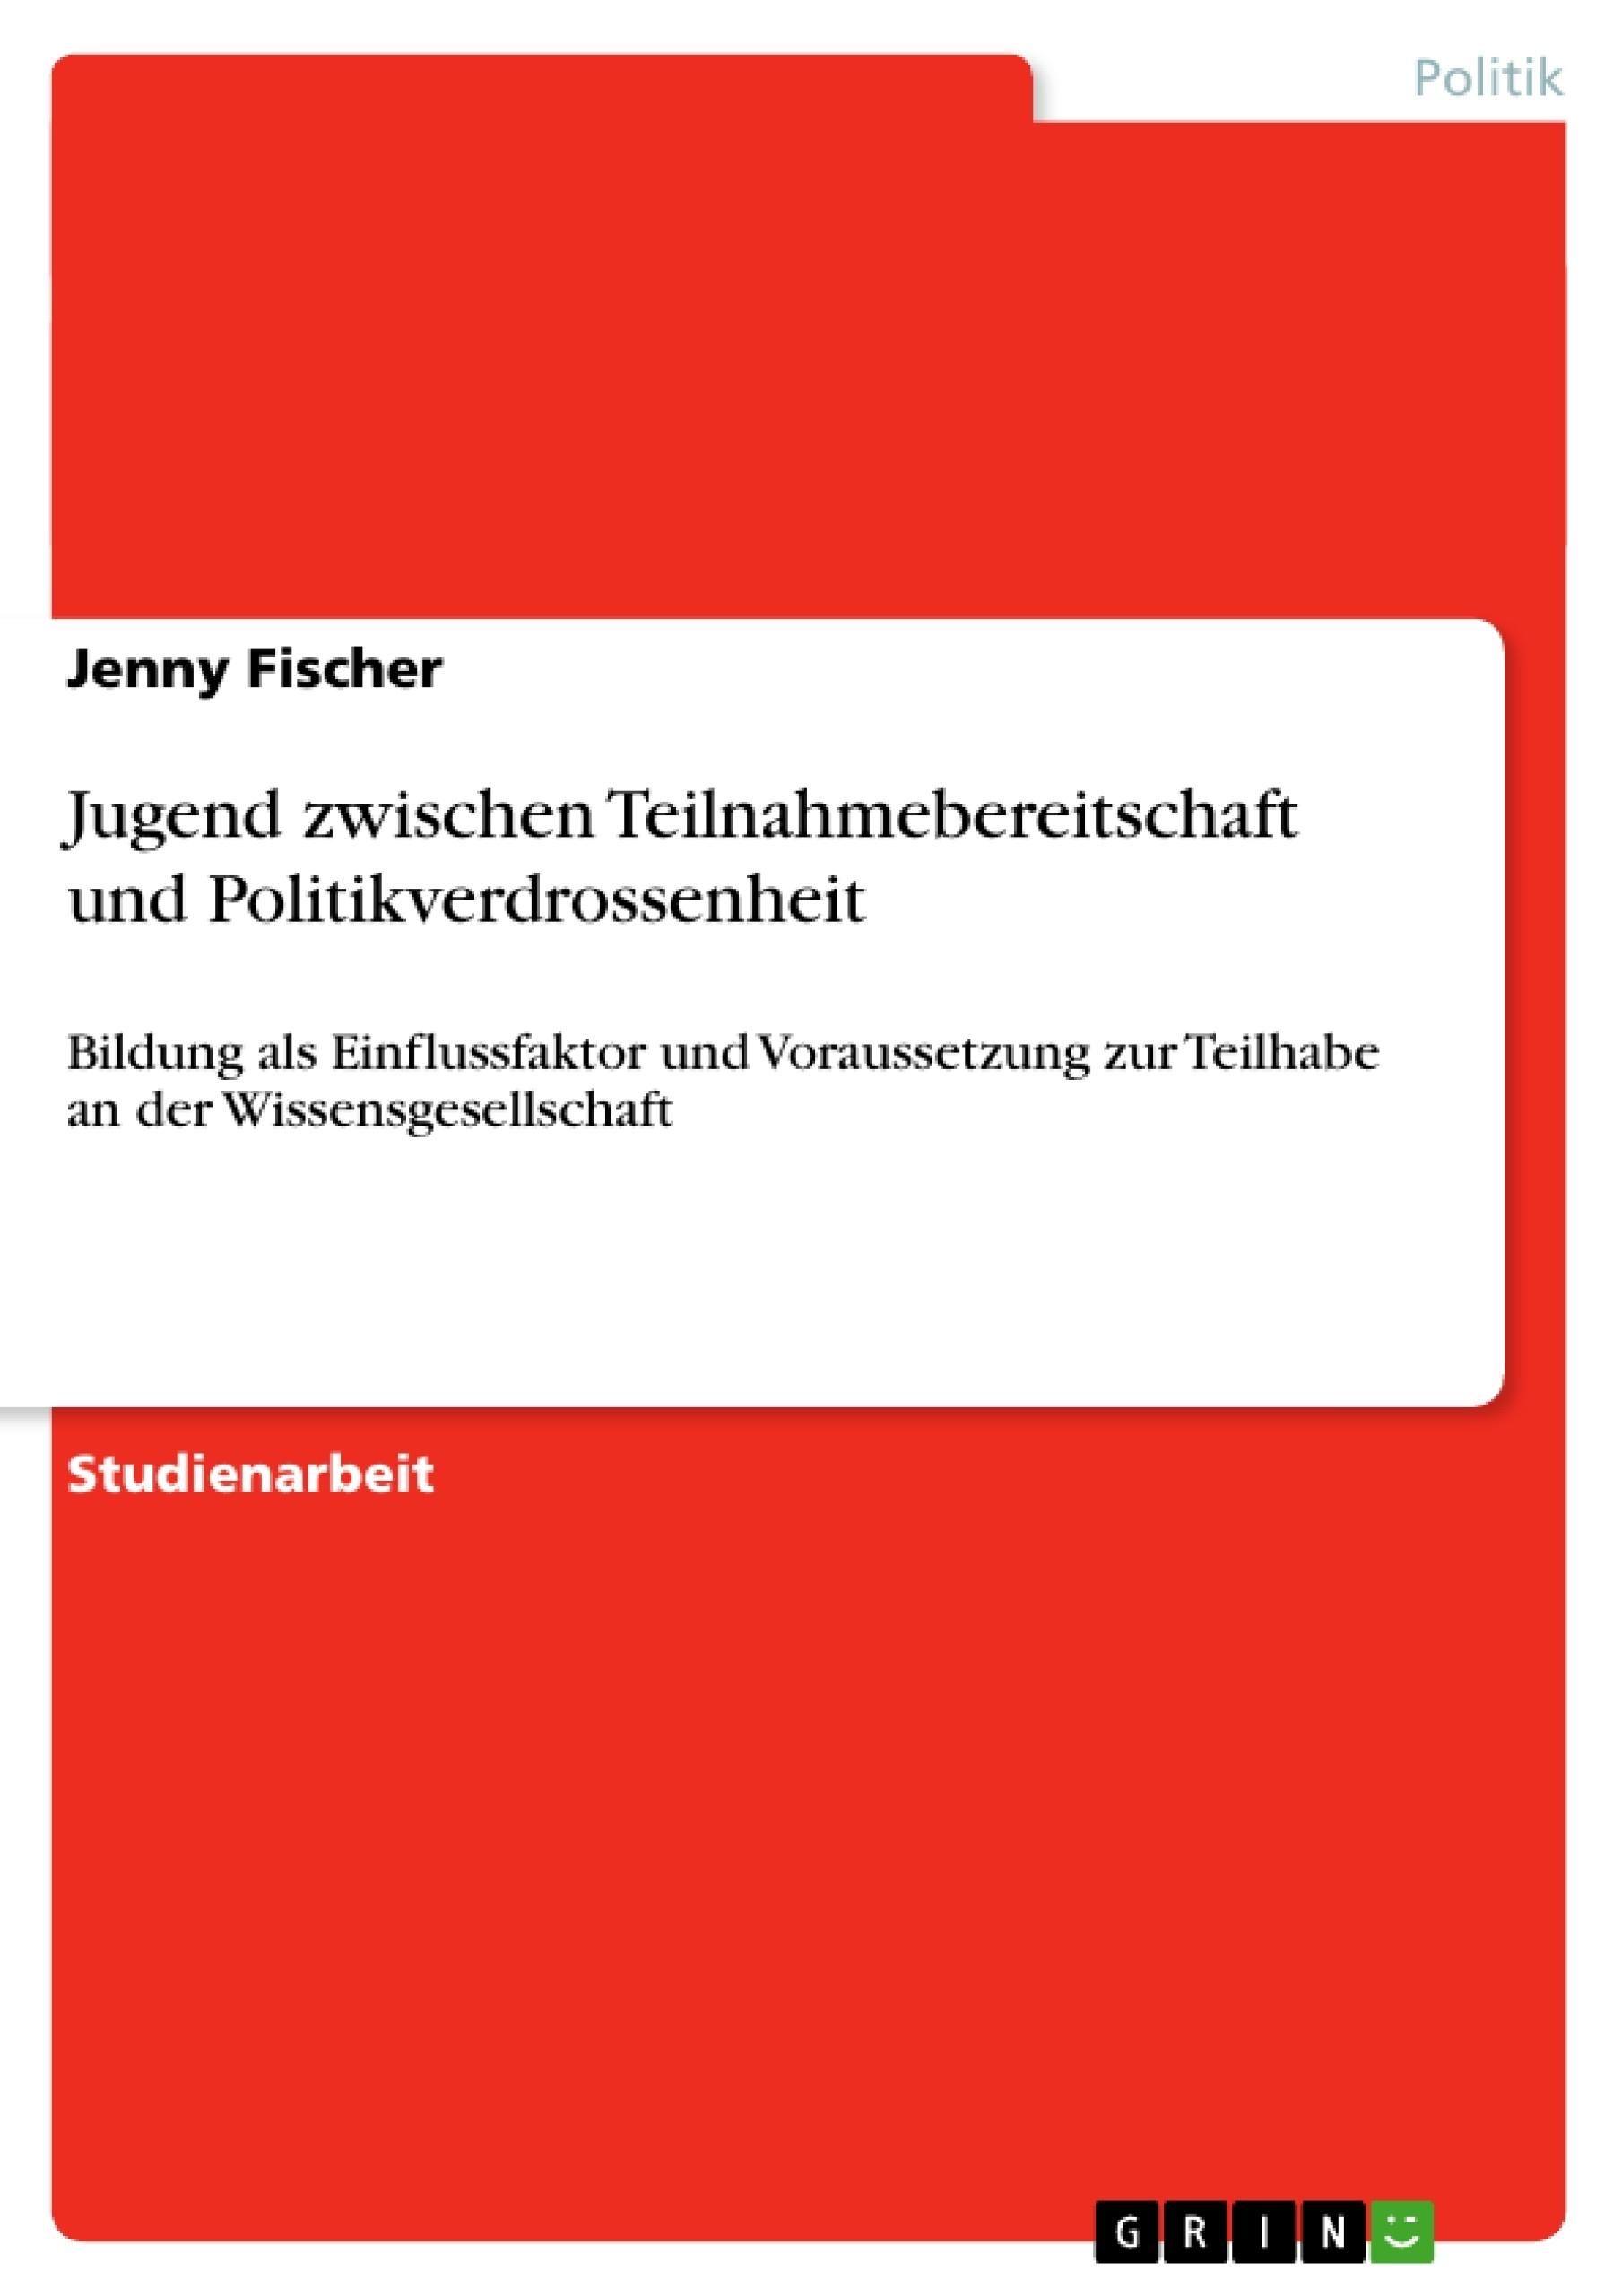 Titel: Jugend zwischen Teilnahmebereitschaft und Politikverdrossenheit